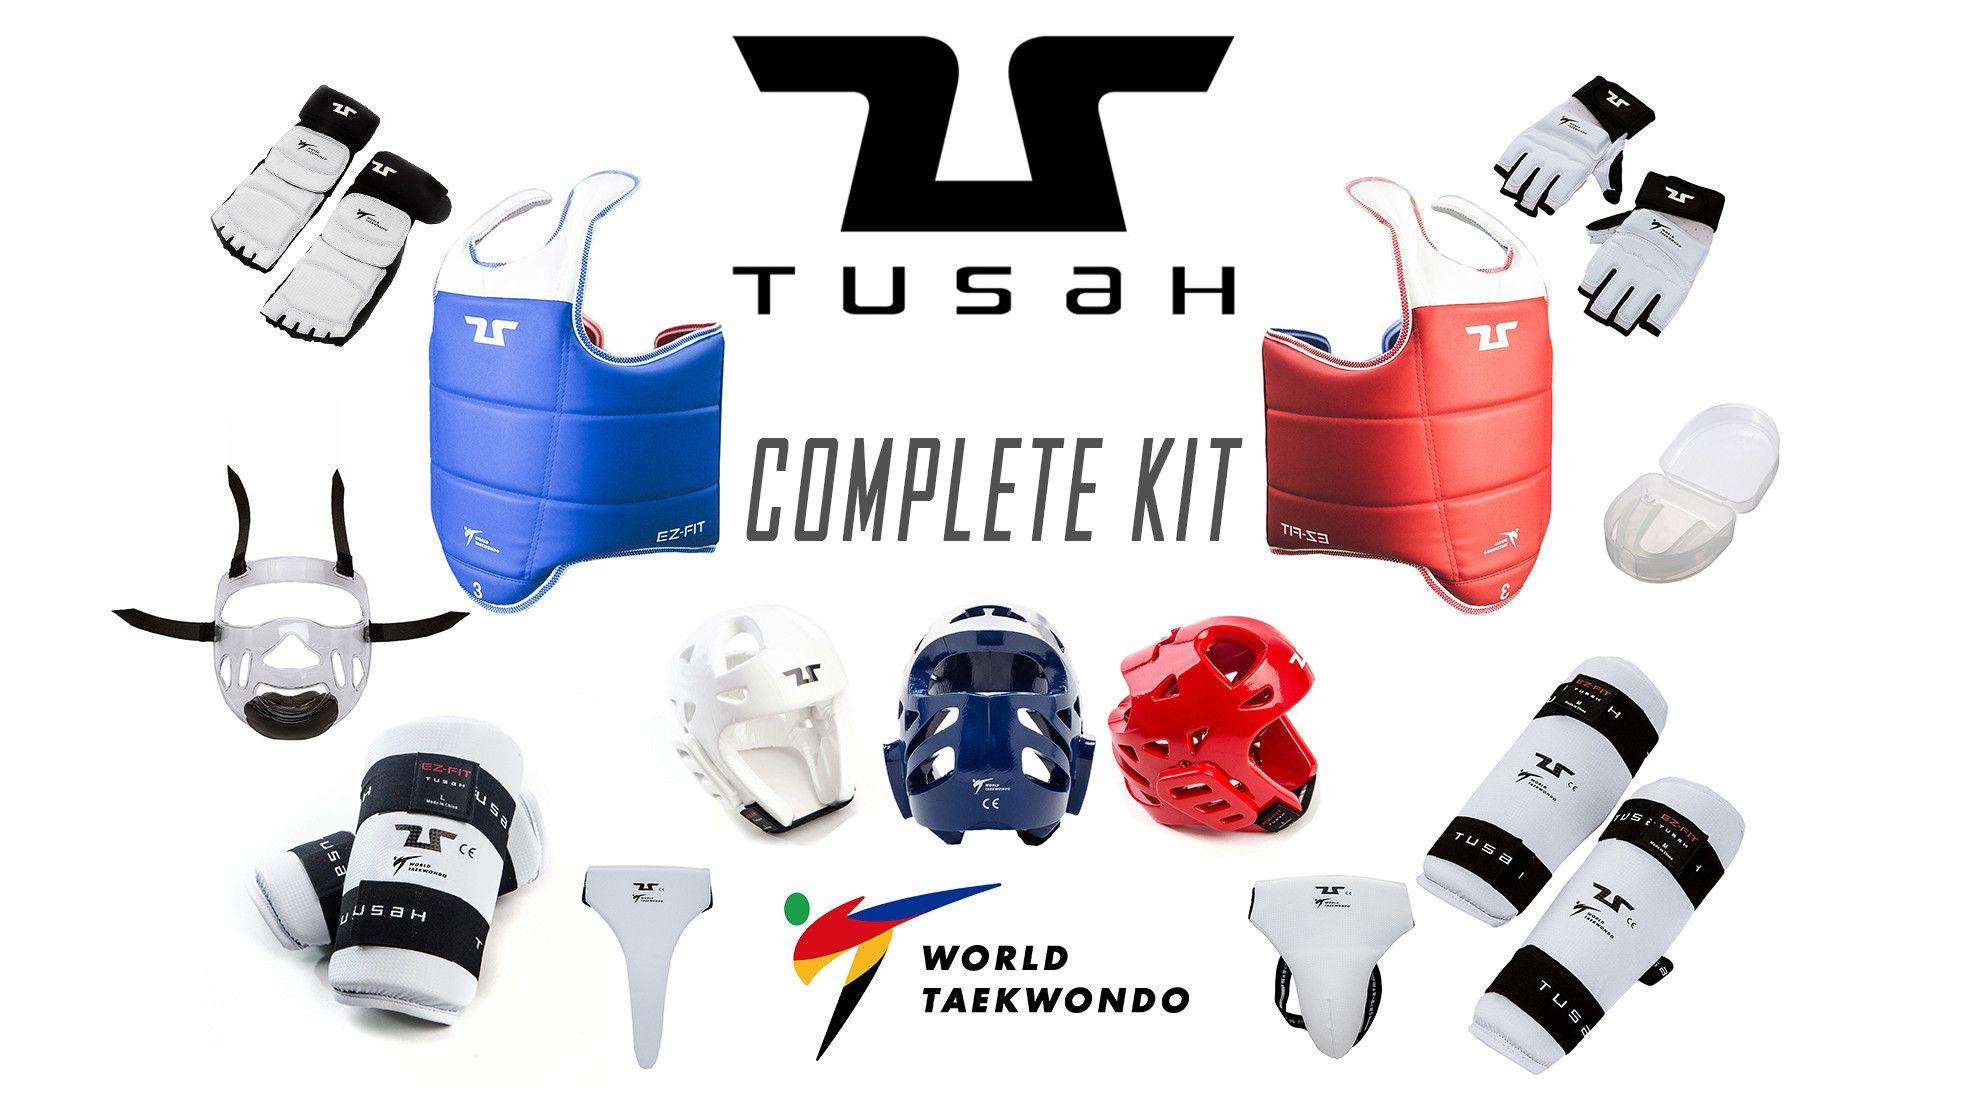 KIT Completo per Taekwondo WT Tusah